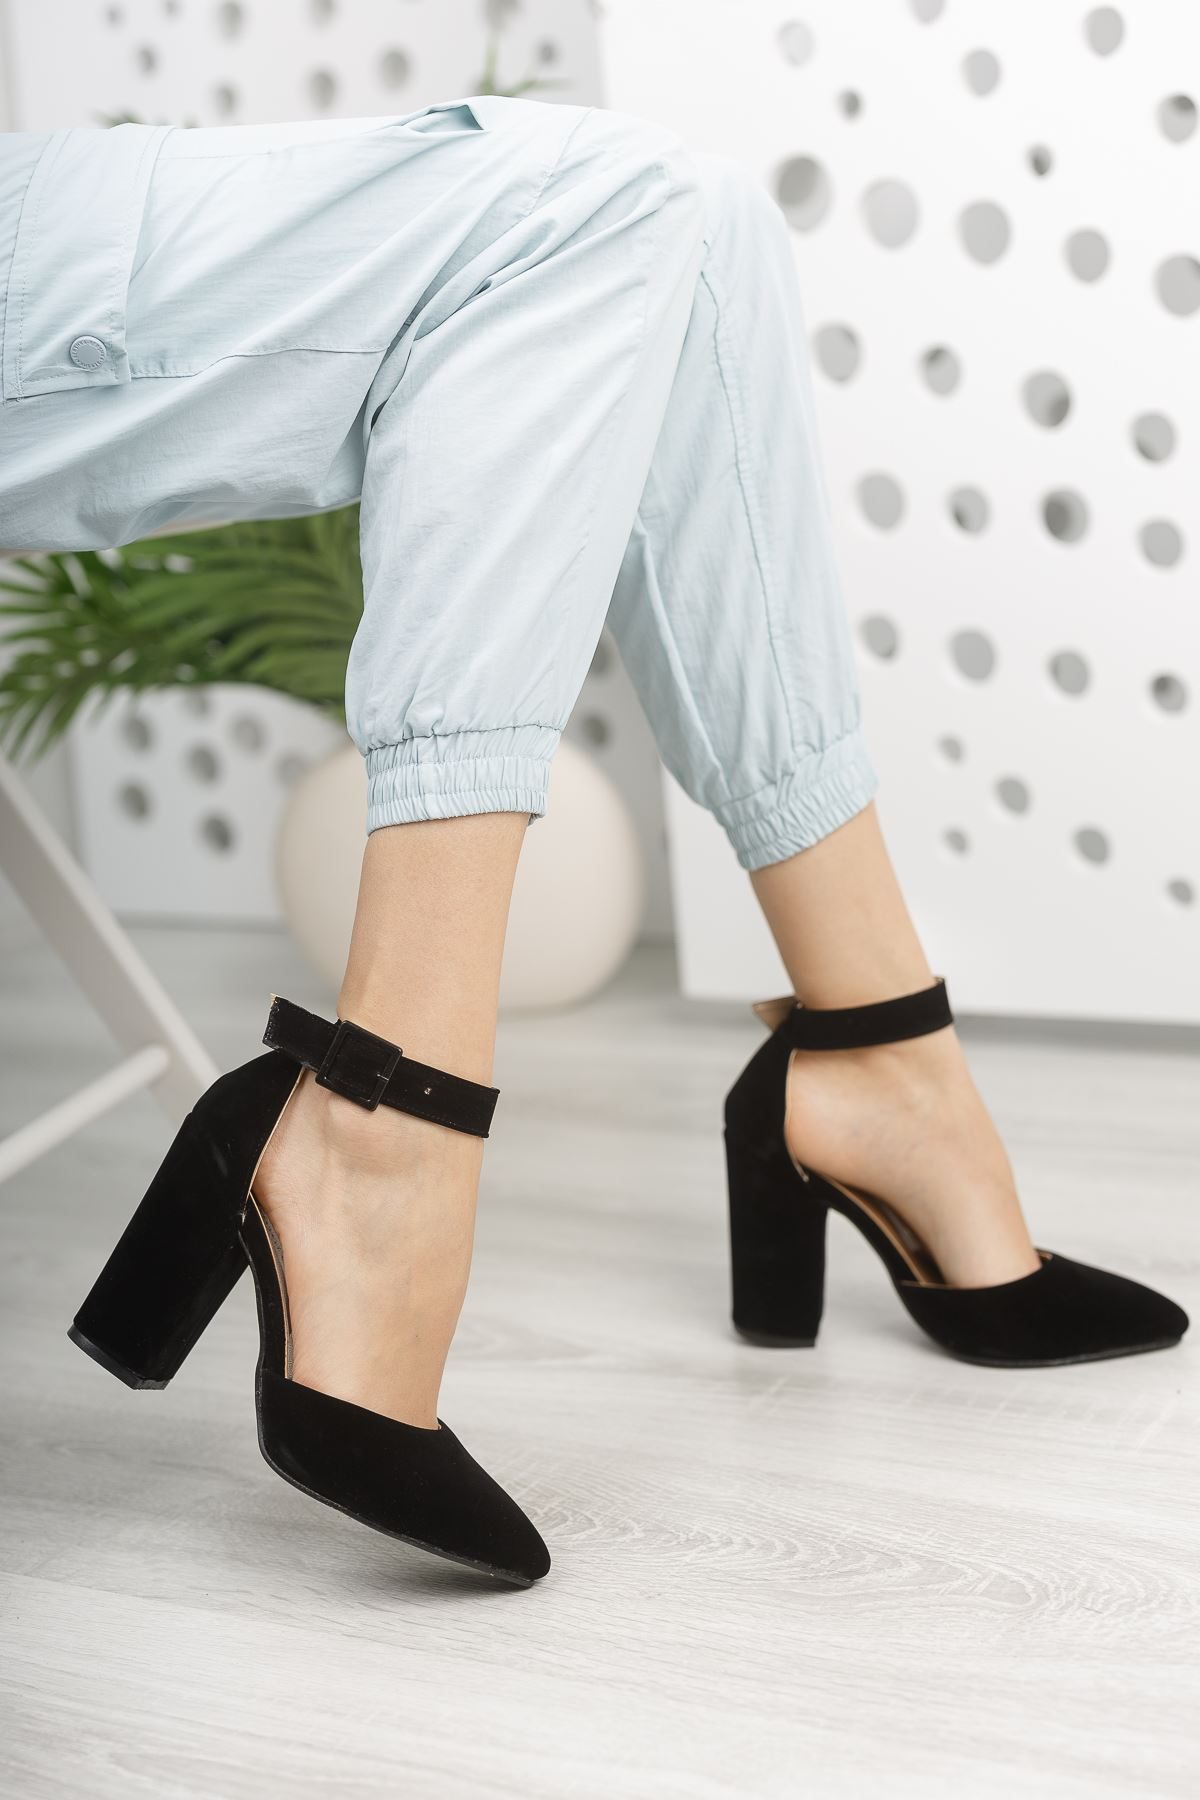 Kadın Benedik Sivri Burun Yüksek Topuklu Siyah Ayakkabı